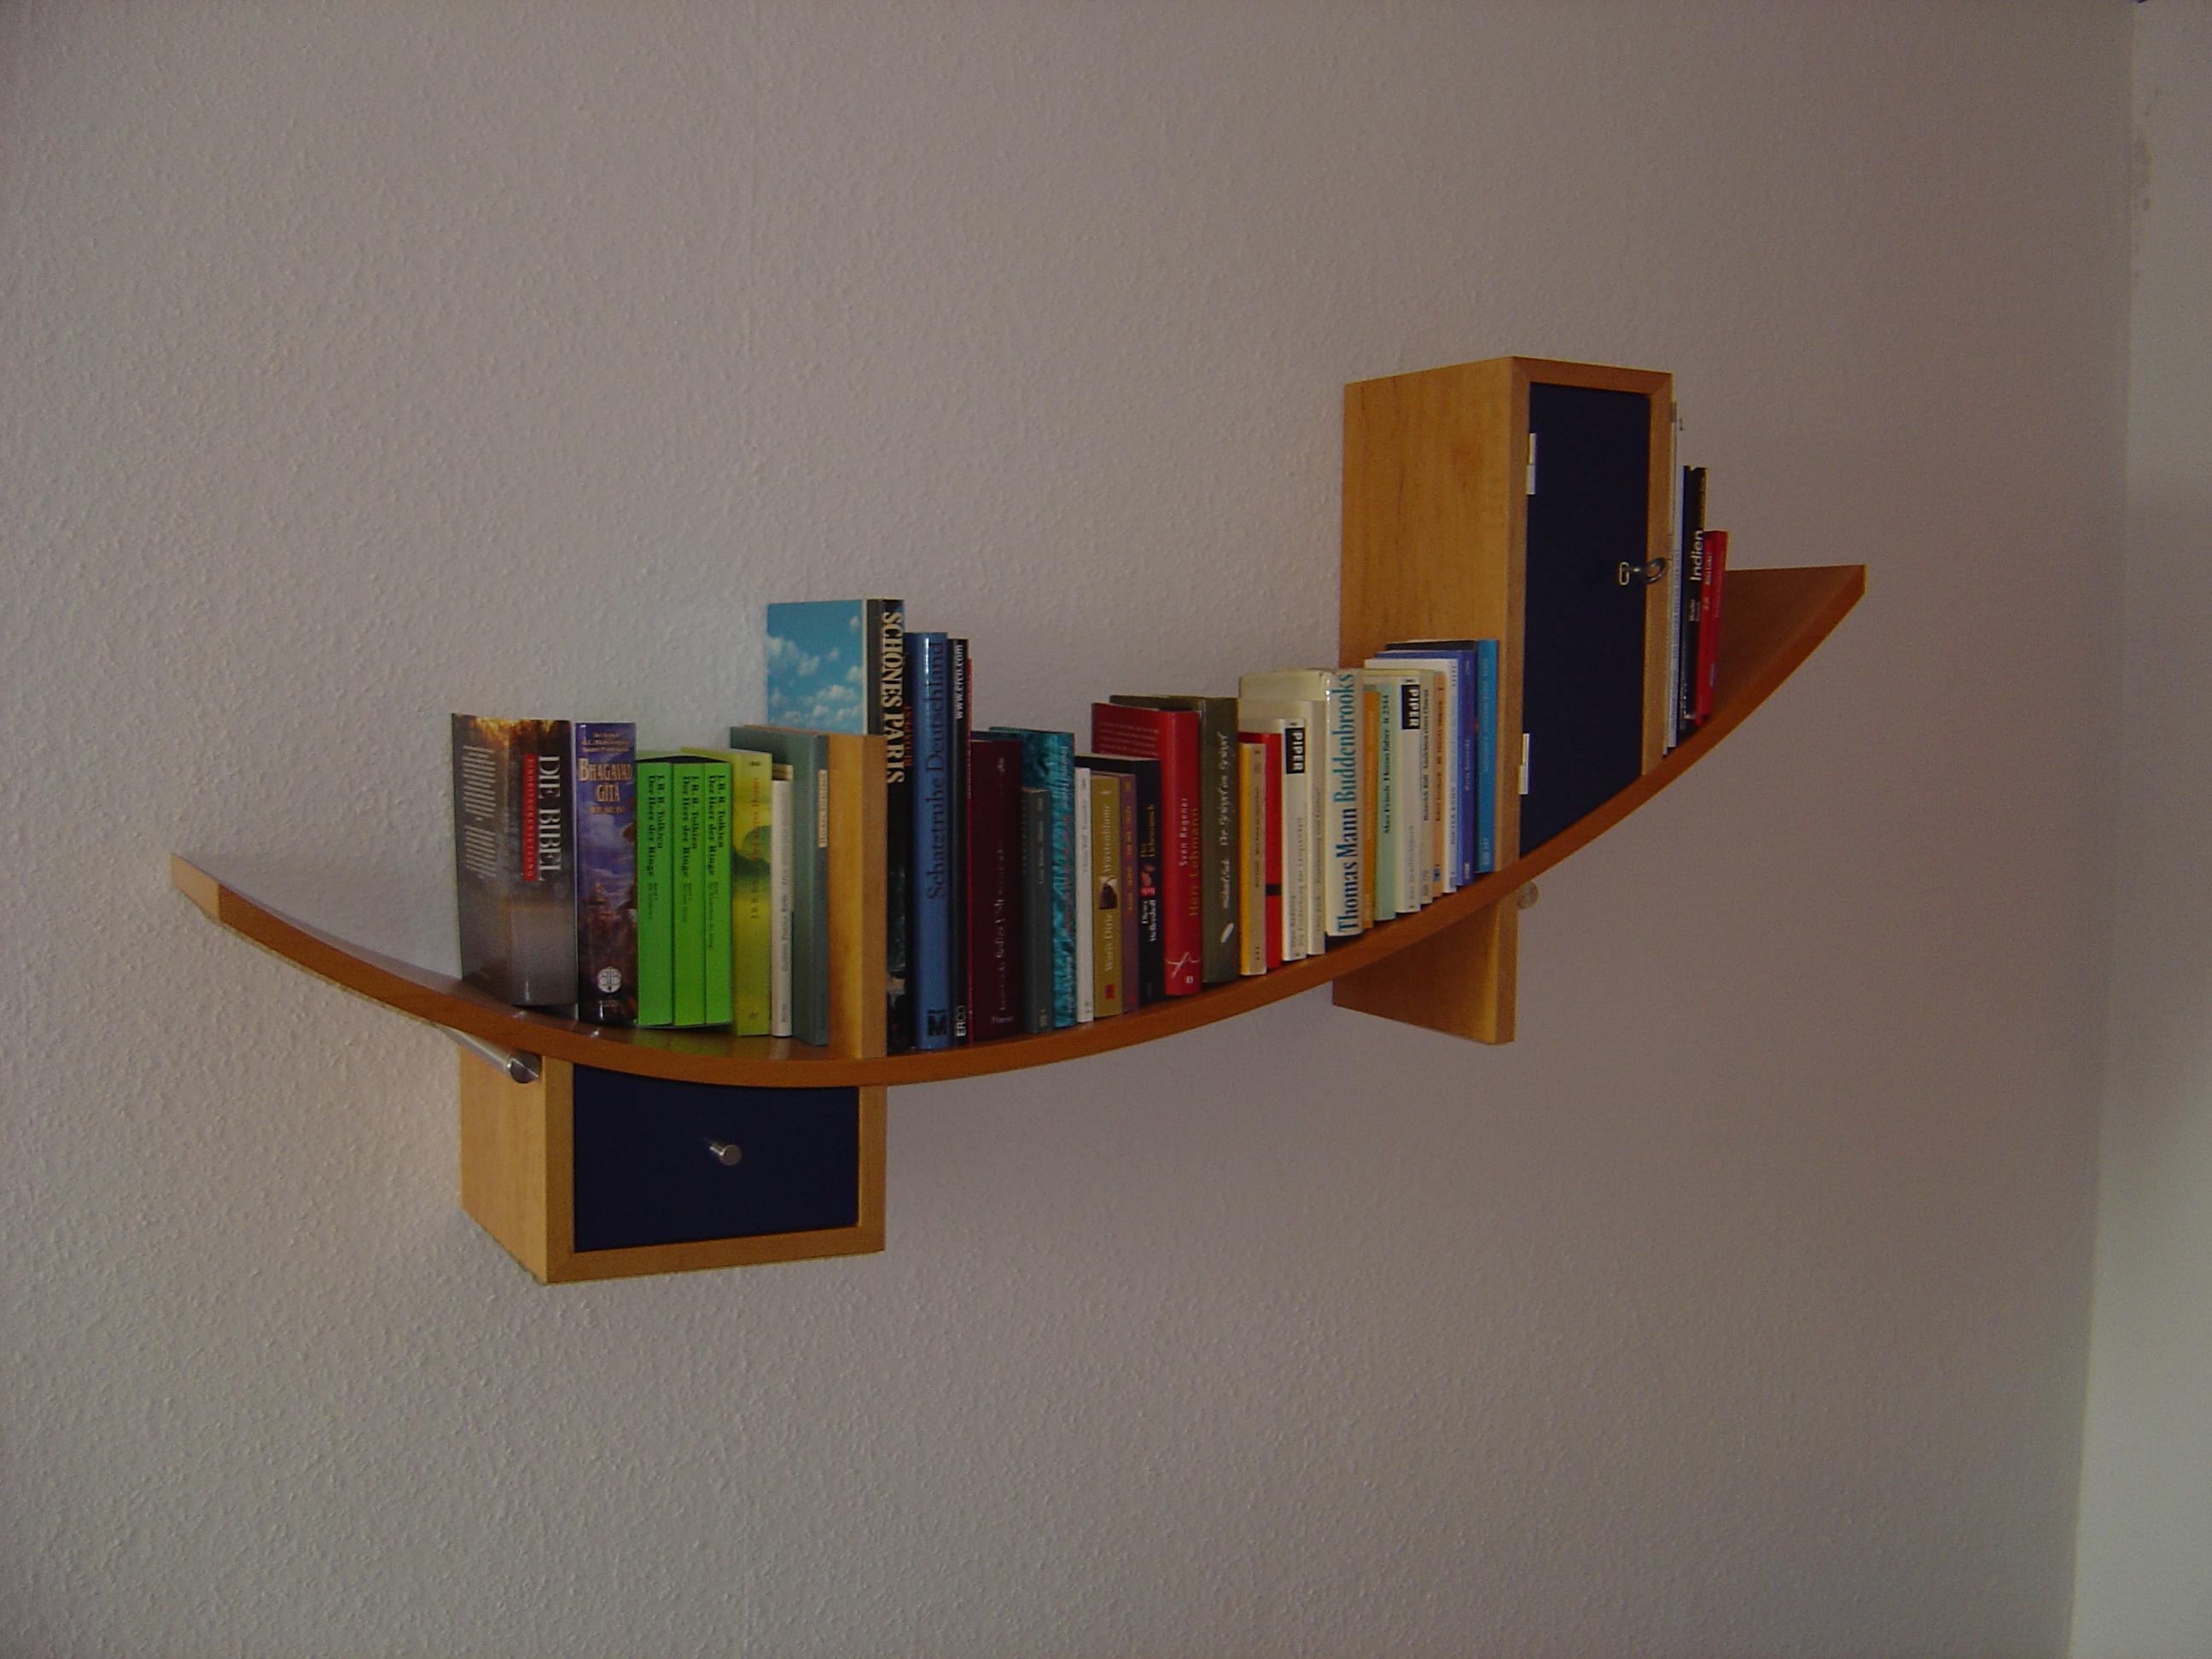 Bücherboard formverleimt in Erle furniert, Schubkasten und Tür in blau lackiert. Auhängeng durch Edelstahlträger